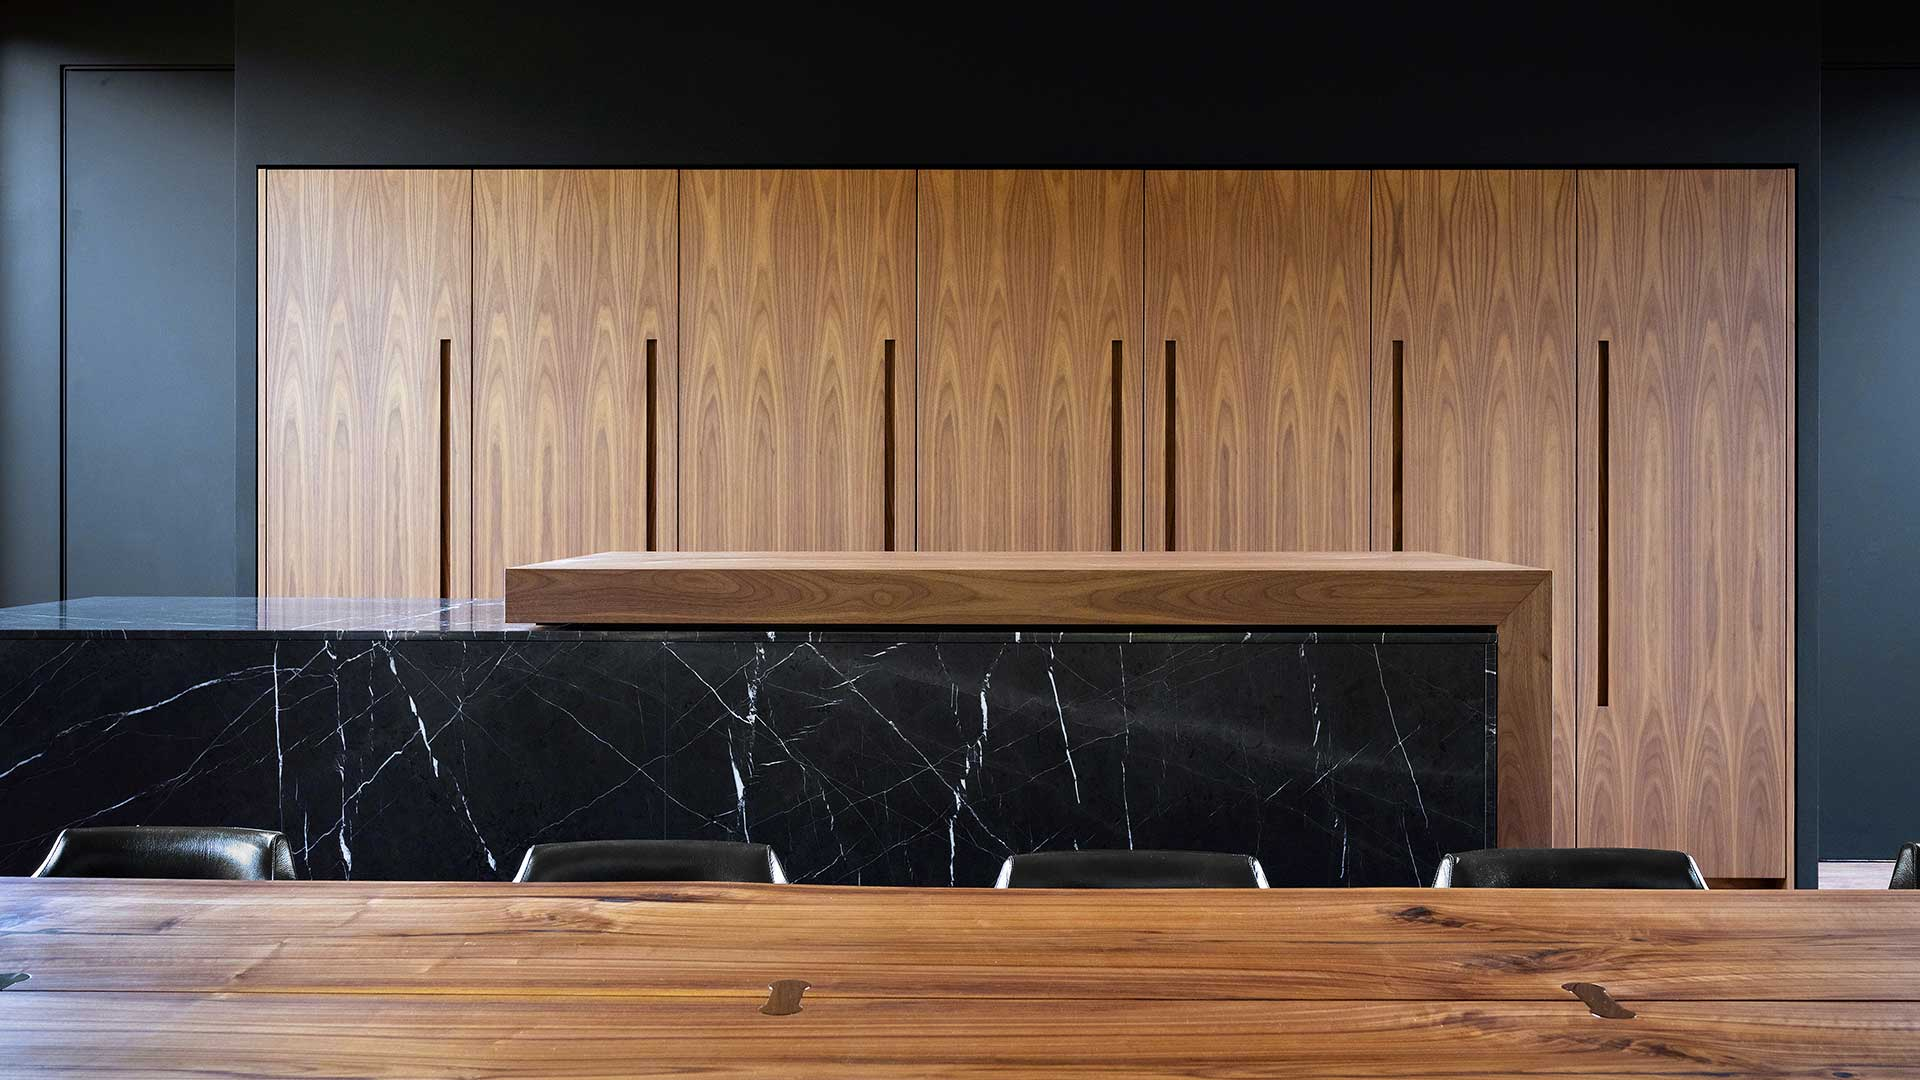 In Kiev, a kitchen with columns and an island with a sliding table - 20190607_TMItalia_realizzazione_dominio_ludmilla-001